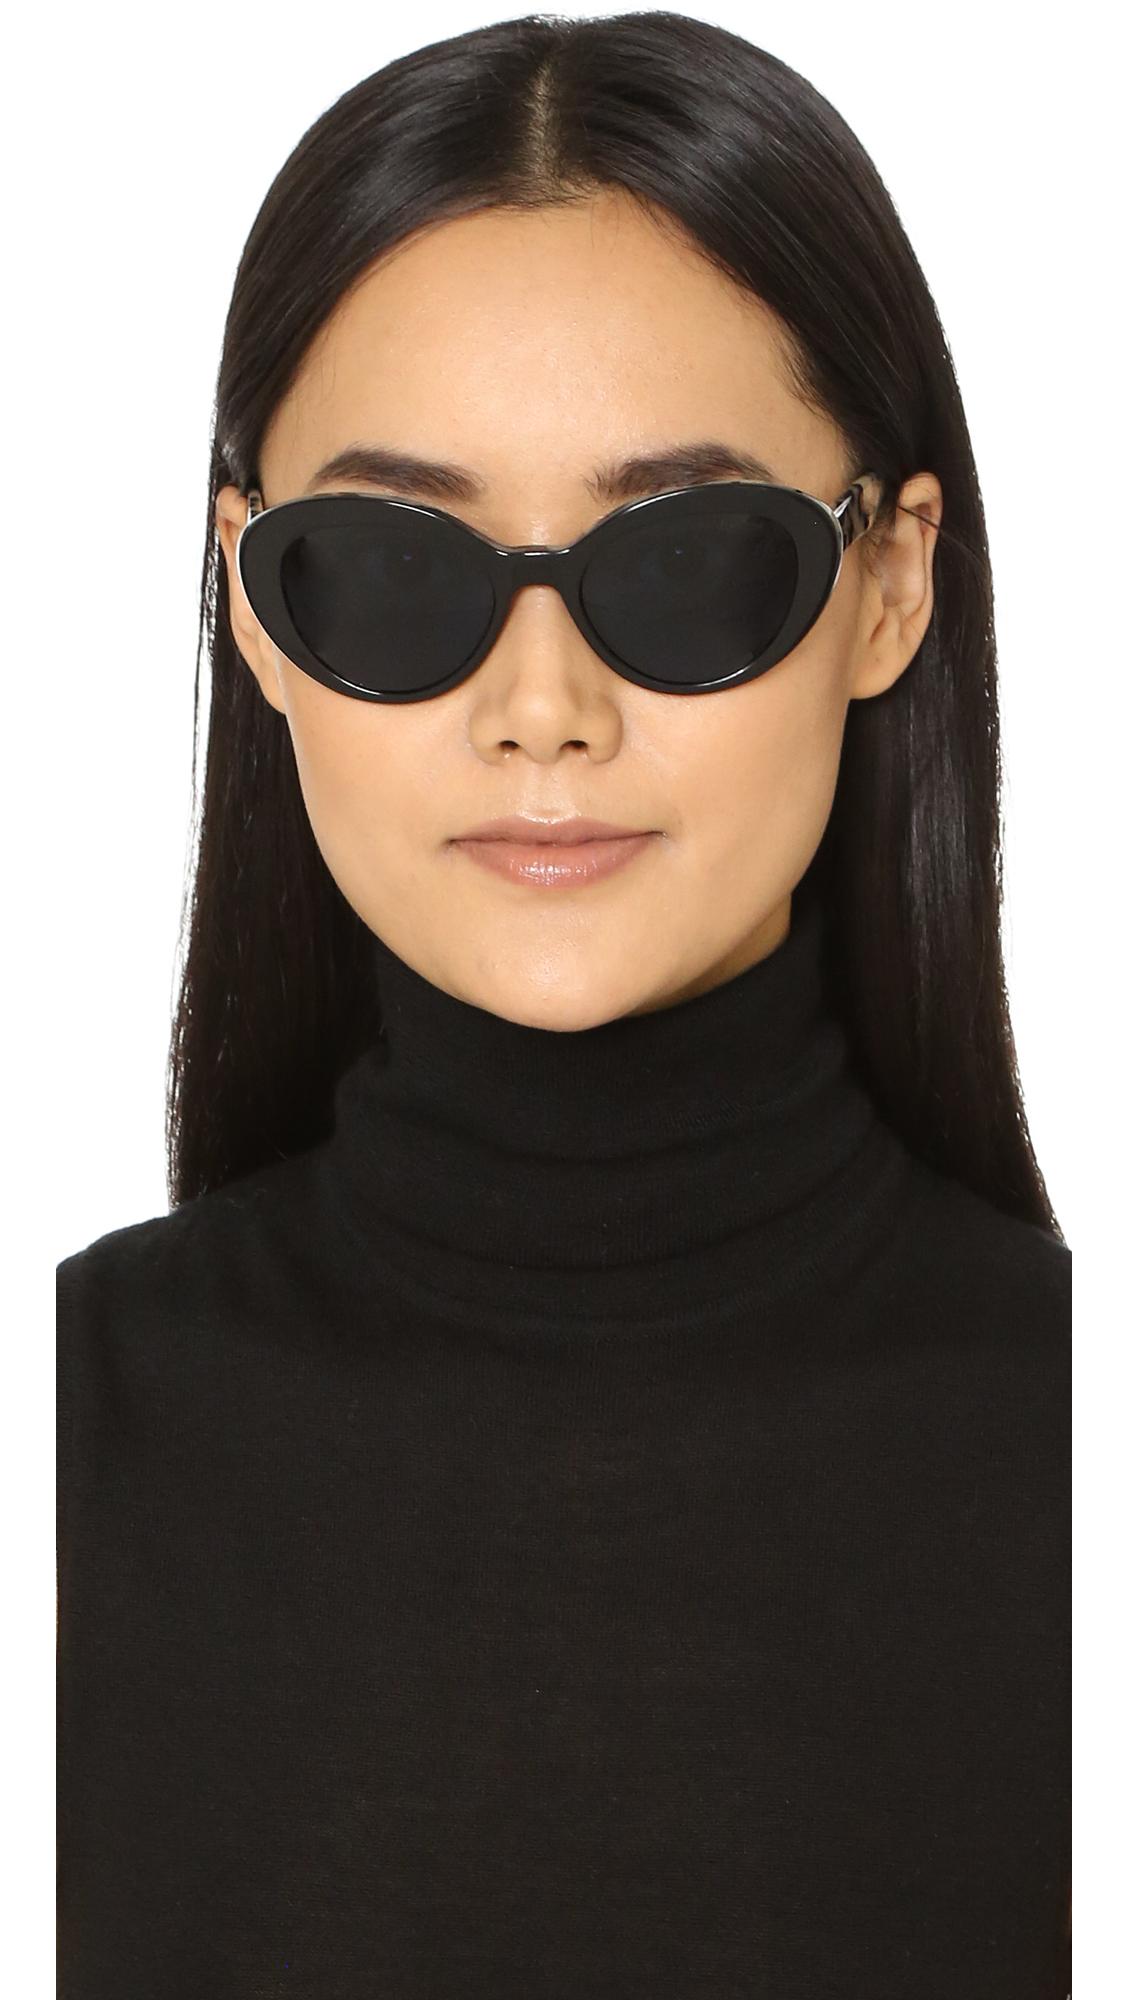 7b8f7d2e47a Lyst - Prada Oval Cat Sunglasses in Black